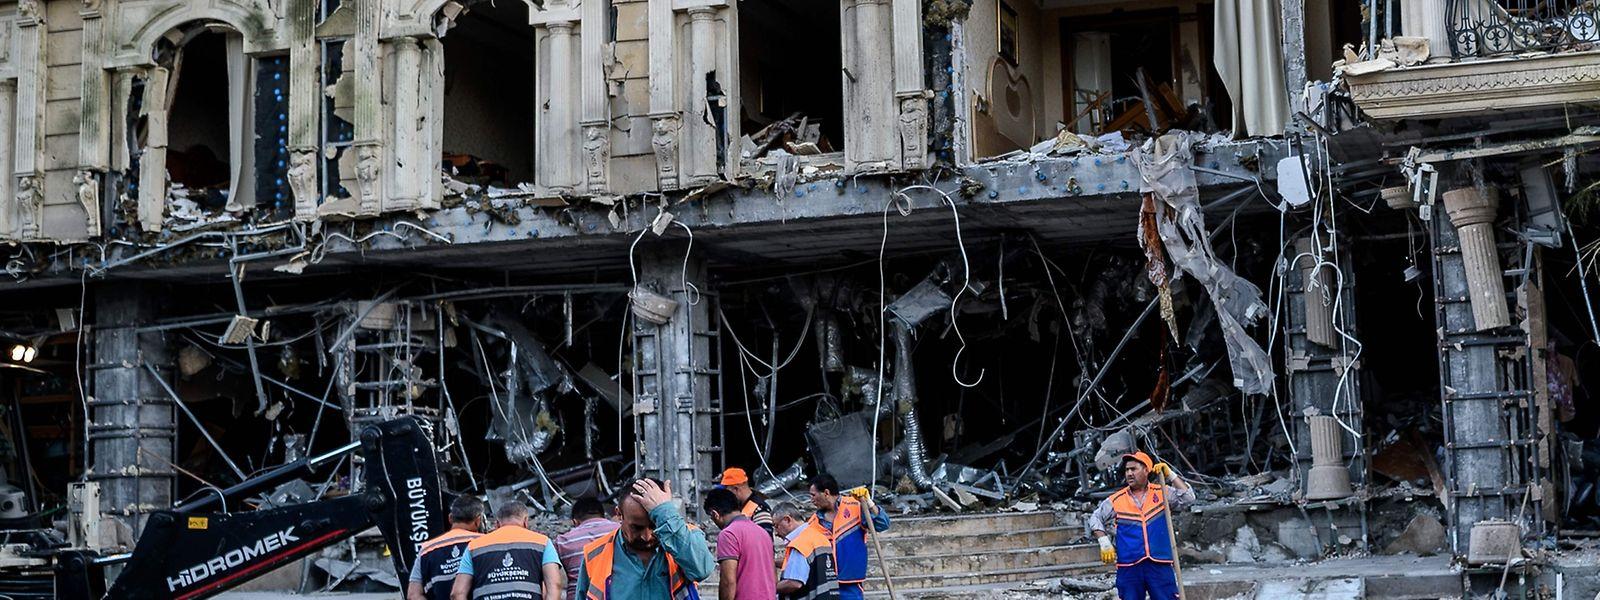 Am Dienstag wurde dieses Hotel in Istanbul durch einen Bombenanschlag zerstört. Am Mittwoch dann das nächste Attentat - dieses Mal in Midyat.